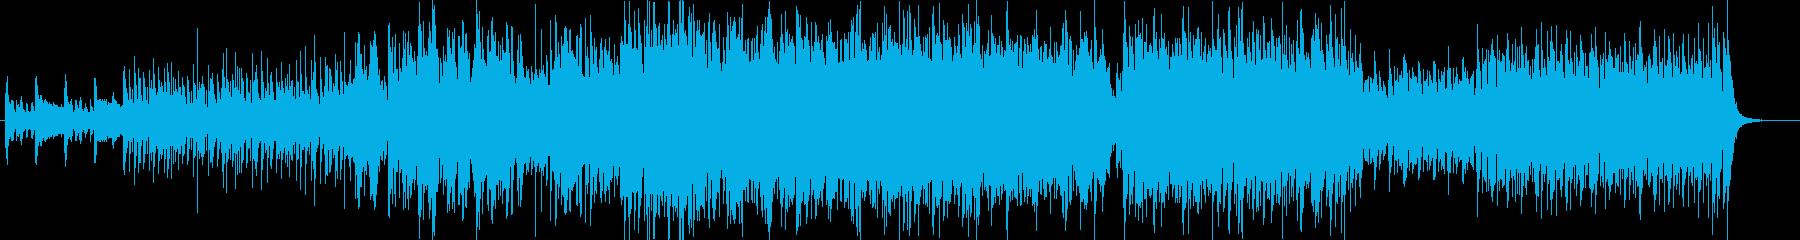 疾走感と和の雰囲気の和太鼓曲の再生済みの波形